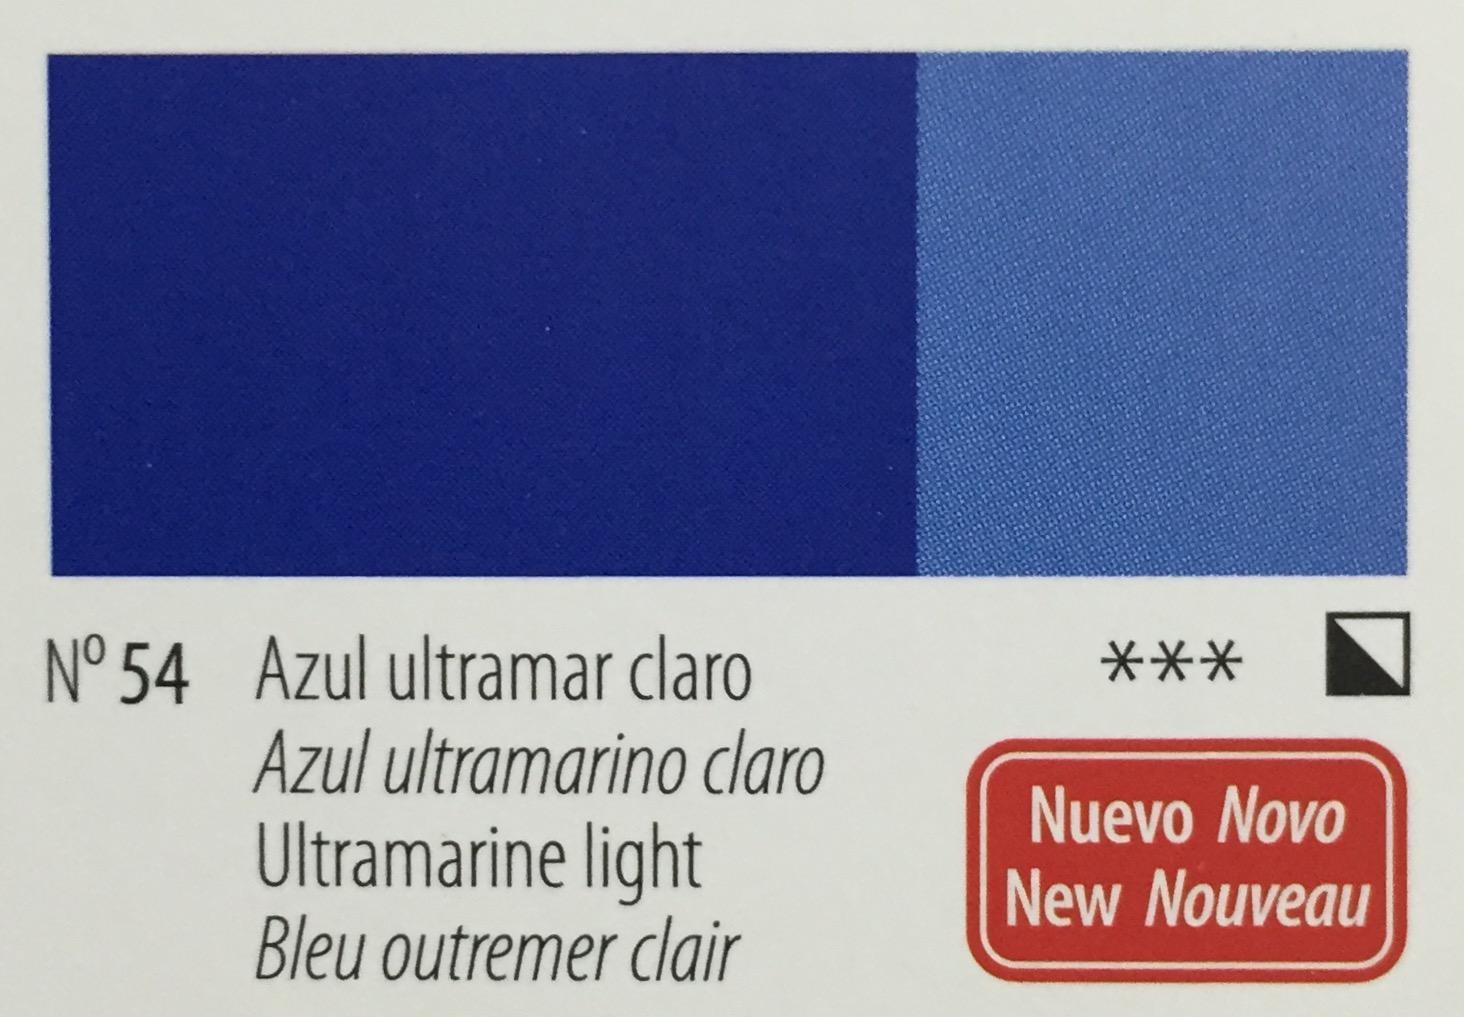 Venta pintura online: Acrilico Titan Goya Azul ultramar claro nº54